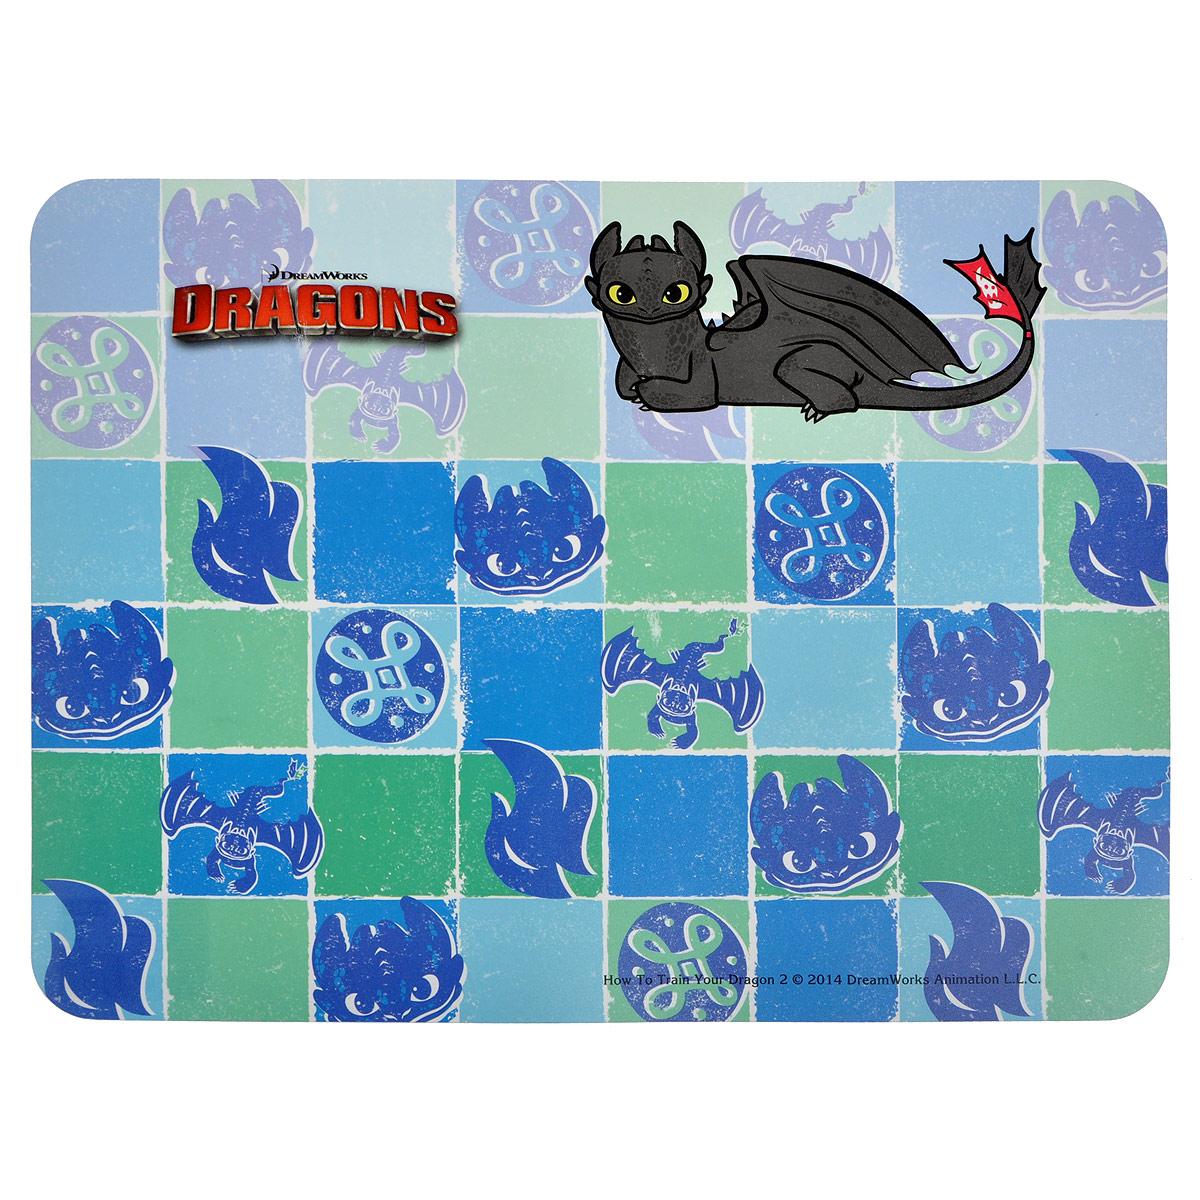 Настольная подкладка для лепки Action! Dragons, 43 см х 32 см54 009312Настольная подкладка Action! Dragons не только обеспечит комфортную работу во время лепки, но и предохранит поверхность рабочего стола от загрязнений и различных повреждений.Она выполнена из плотного пластика и оформлена изображением дракончика. Яркий дизайн подкладки непременно понравится вашему ребенку.